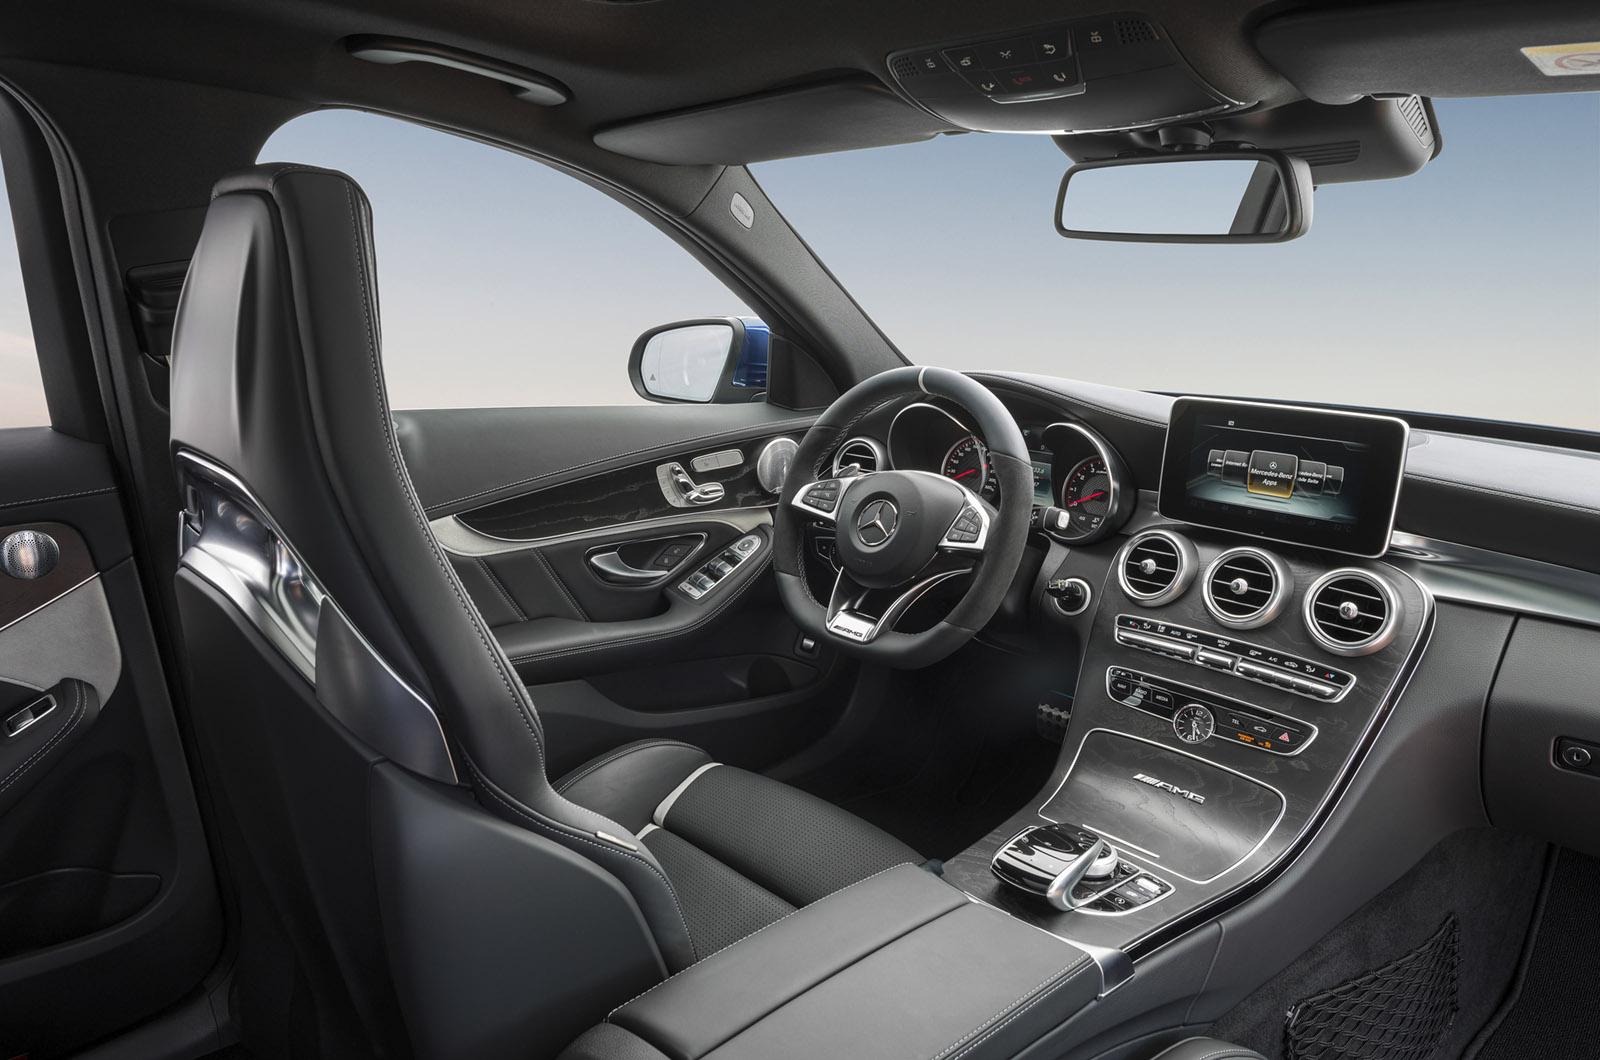 2015-Mercedes-C63-AMG-19 | سعودي شفت